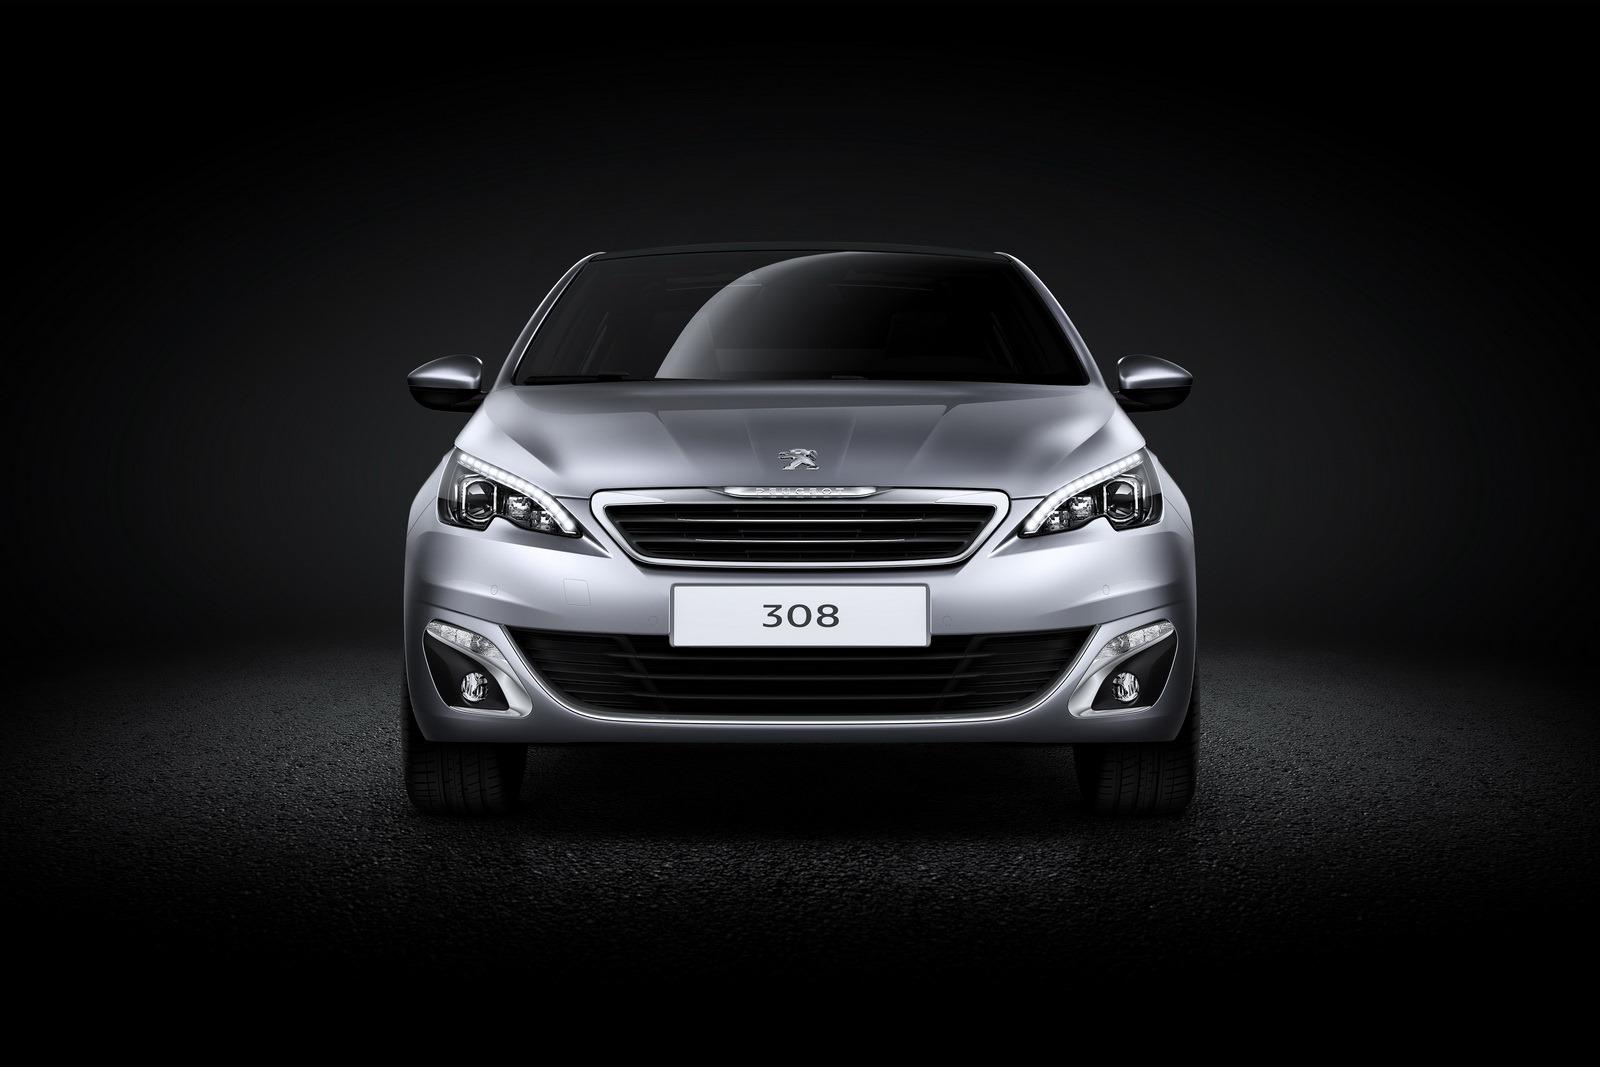 2014 Peugeot 308 HB'in Teknik Özellikleri, Fiyat Listesi (FR) ve